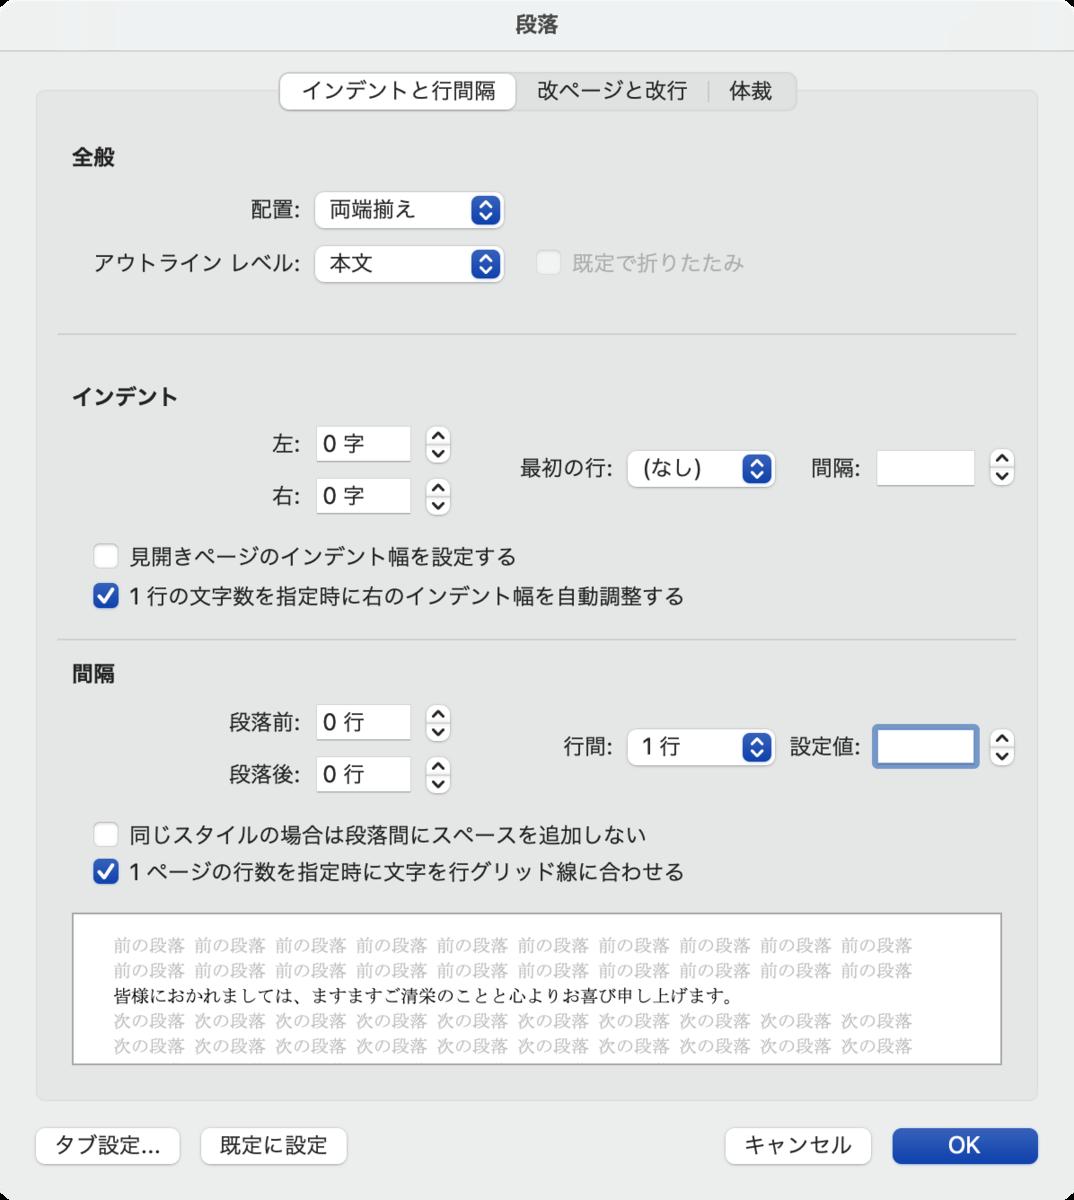 f:id:wanichan:20210605120247p:plain